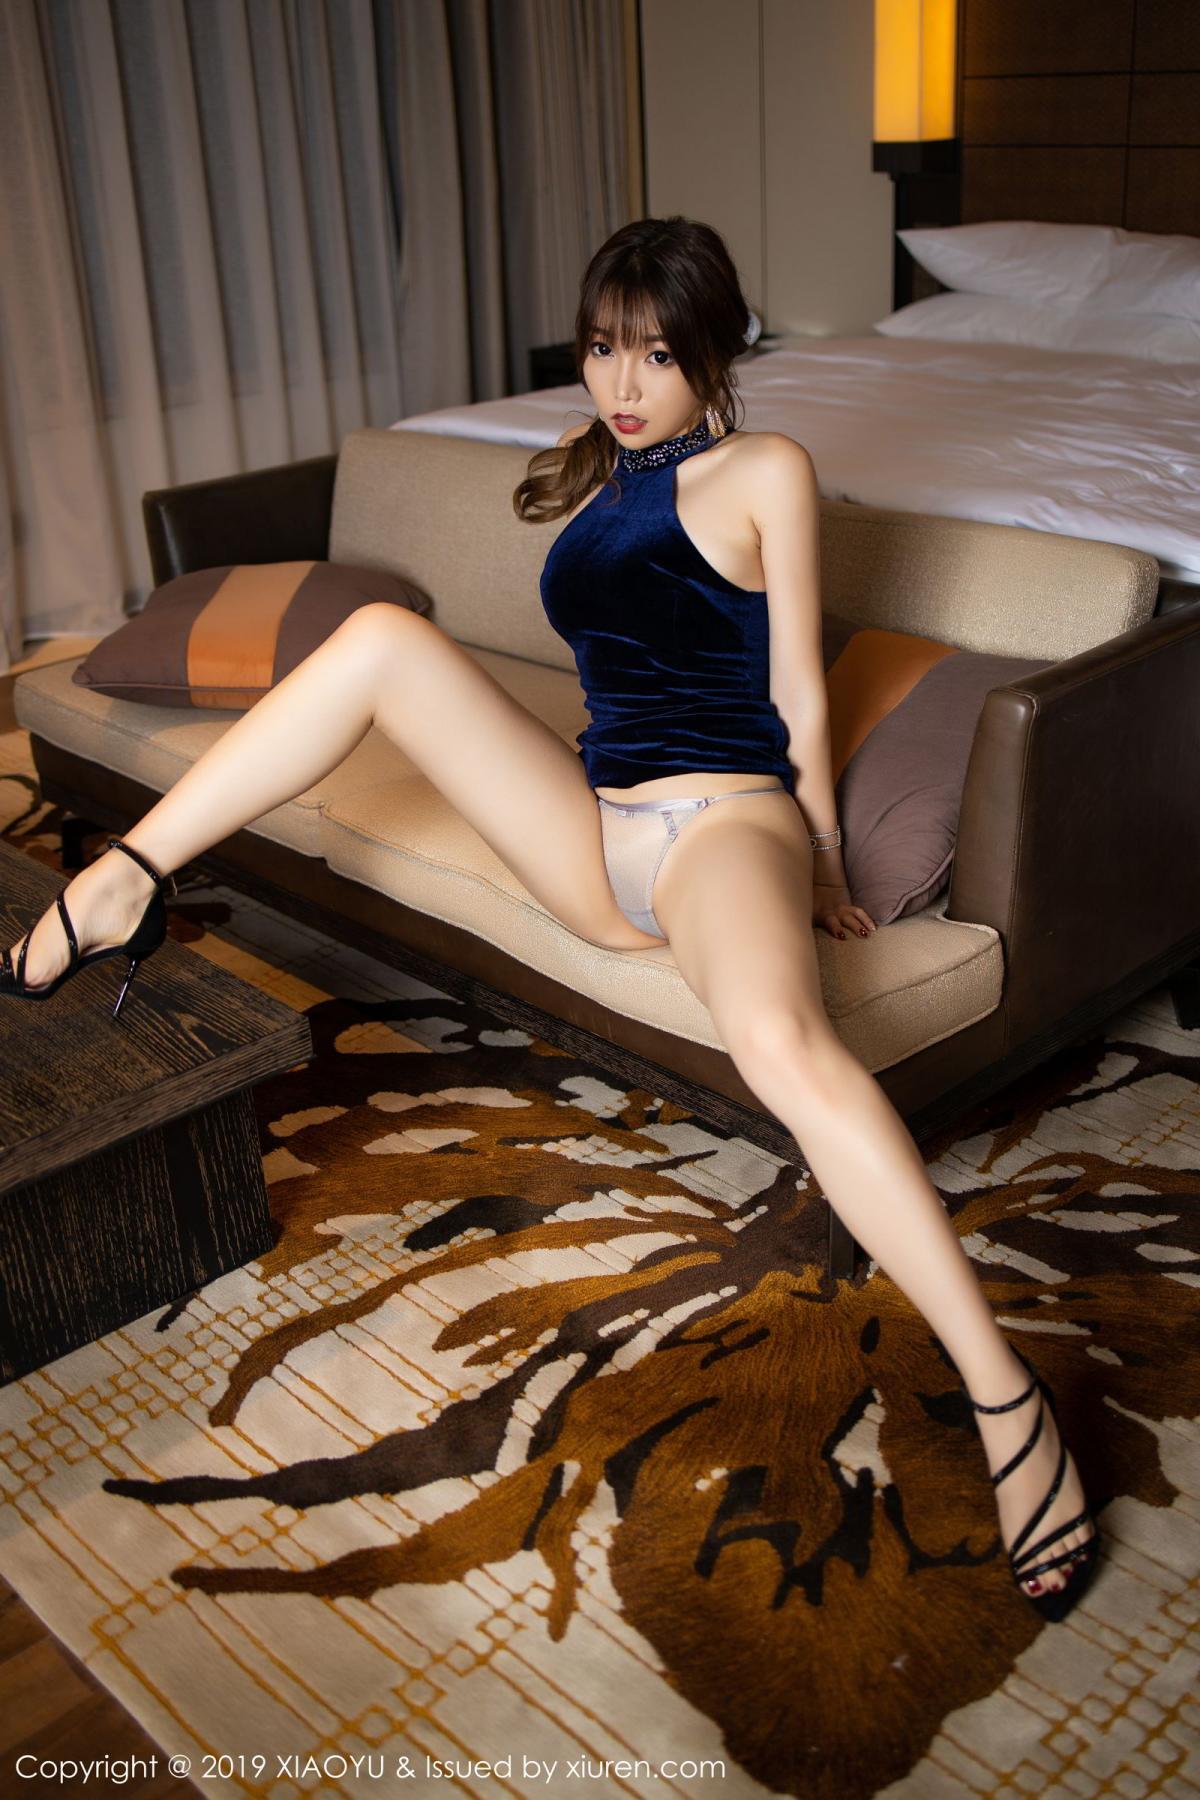 [XiaoYu] Vol.192 Chen Zhi 31P, Chen Zhi, Cheongsam, Tall, XiaoYu